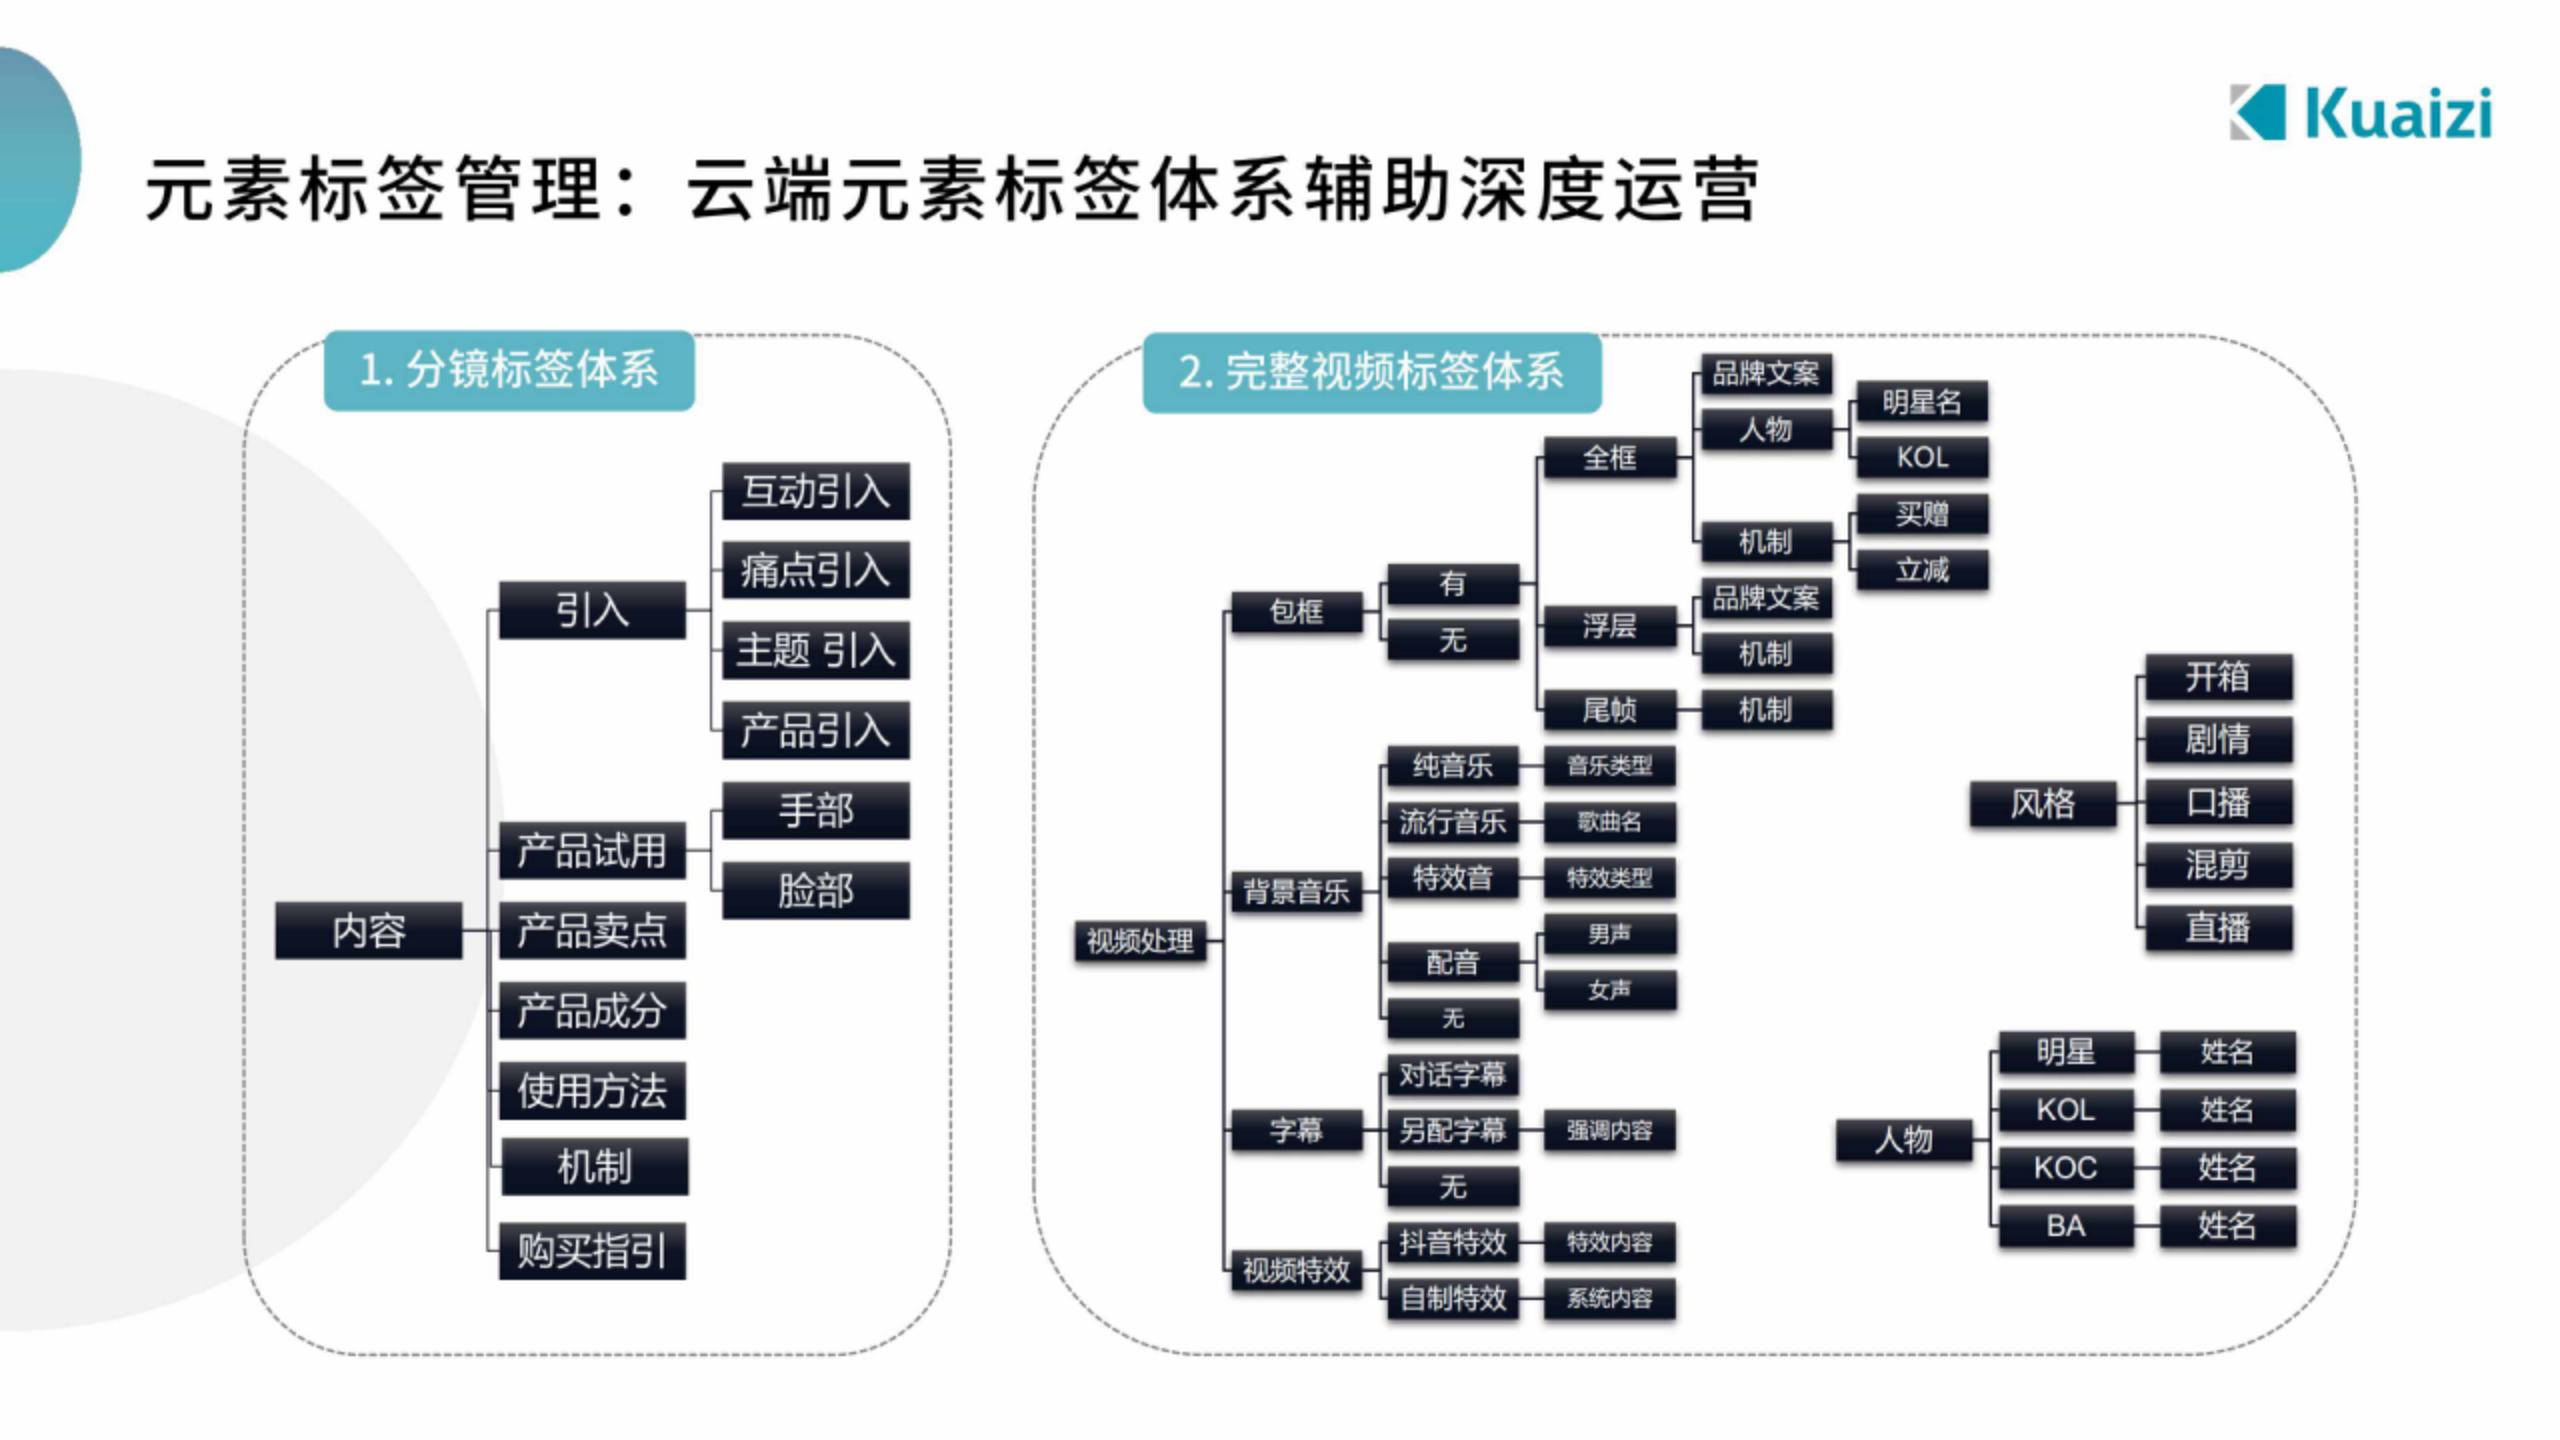 筷子SaaS简介-创意内容代理商V1.2_10.png